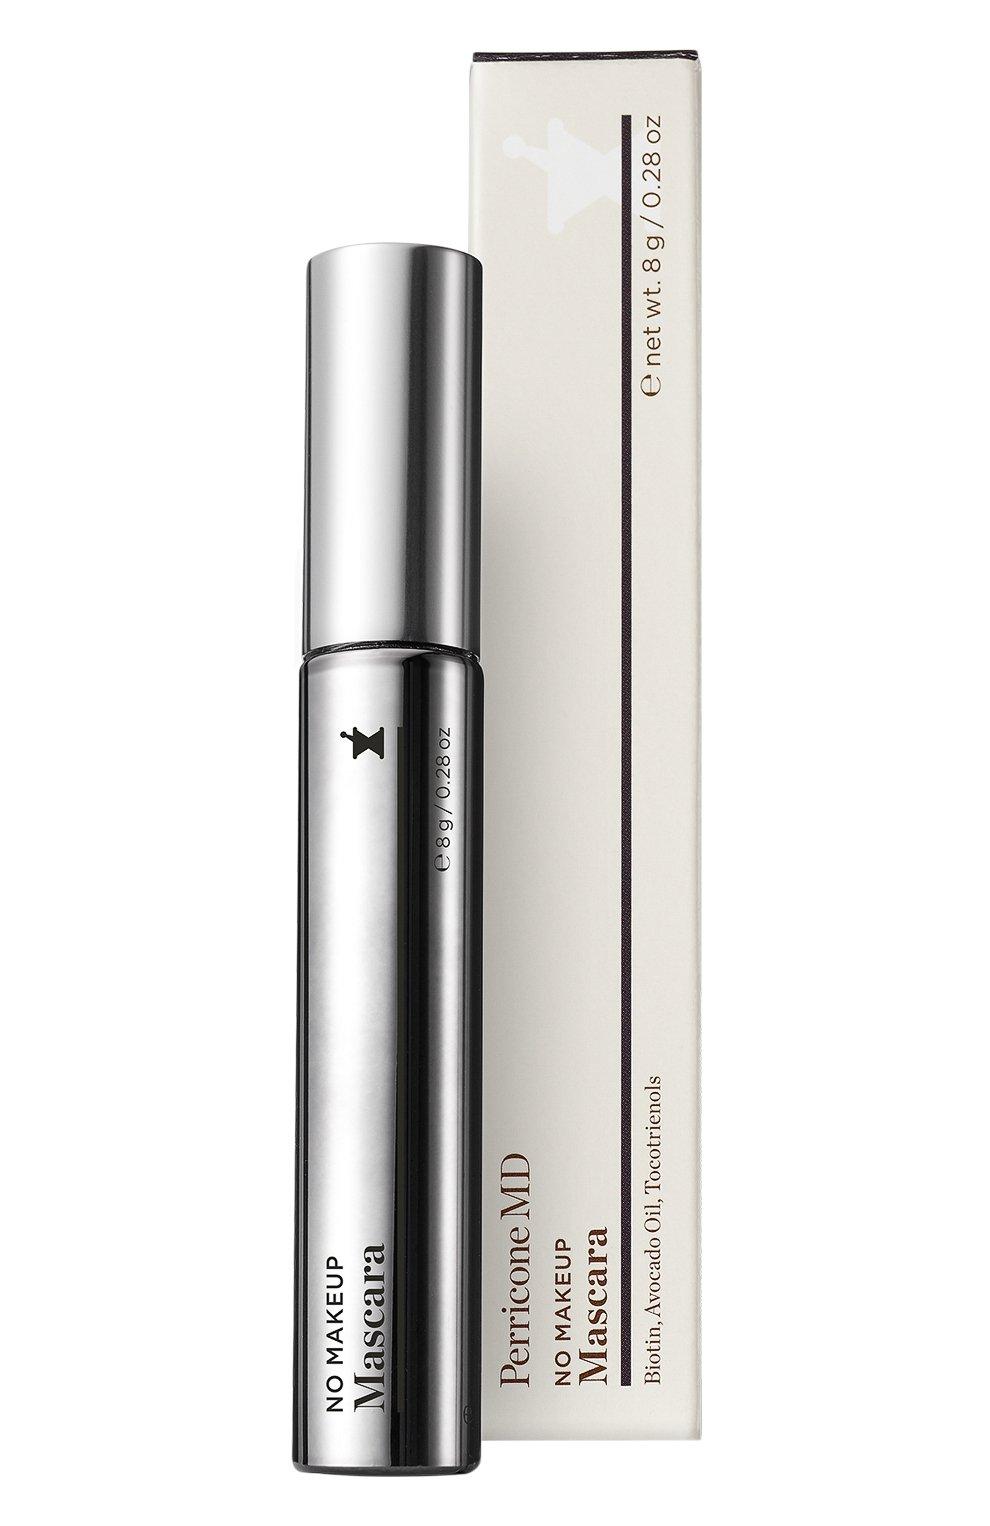 Тушь для ресниц no makeup mascara PERRICONE MD бесцветного цвета, арт. 651473707516 | Фото 2 (Статус проверки: Проверена категория)